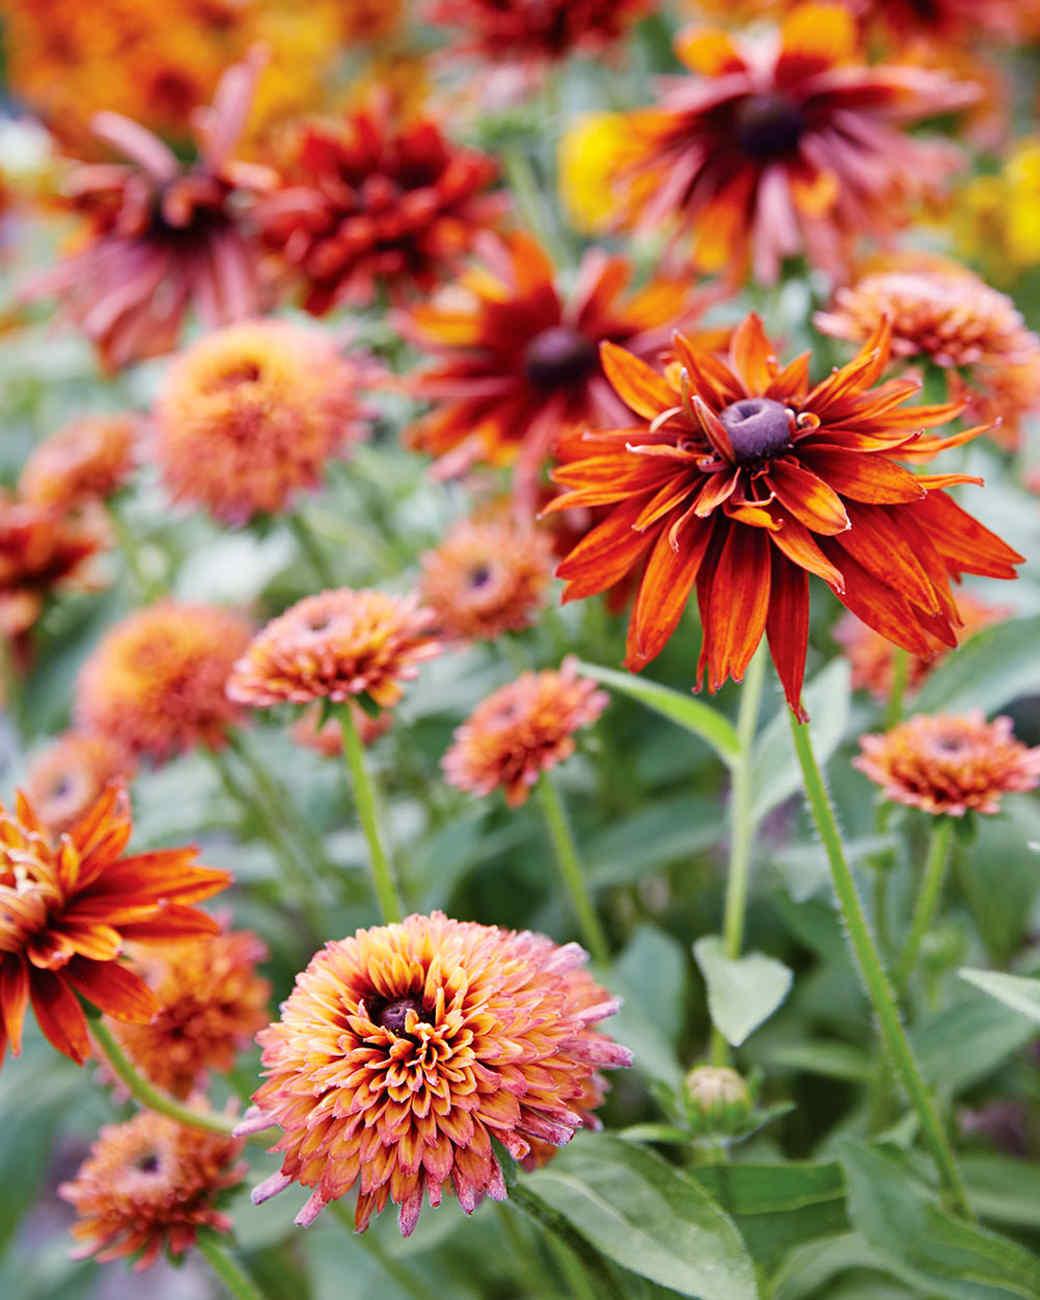 rockefeller-orange-flowers-170-d112371.jpg